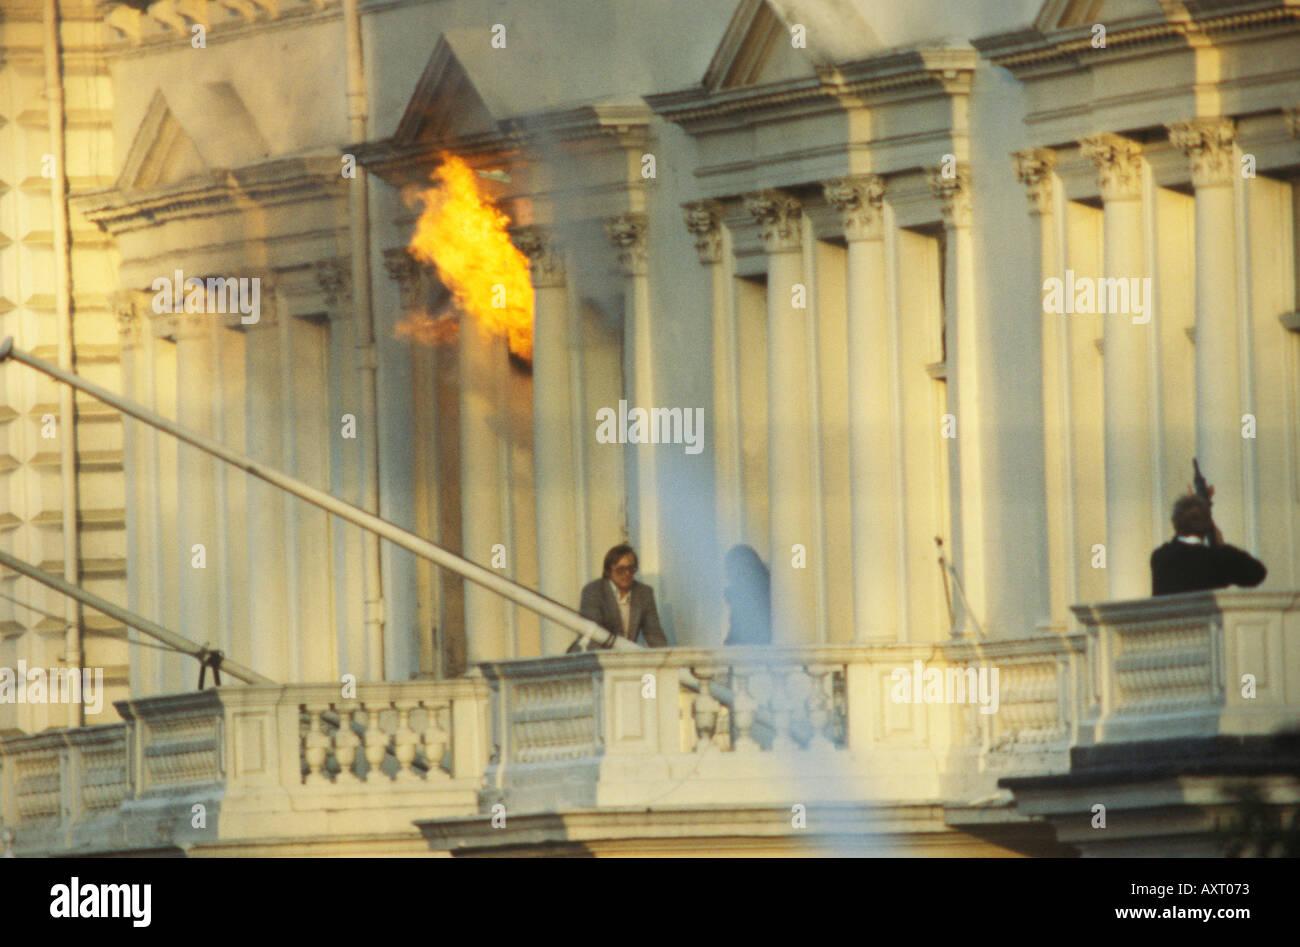 Iranische Botschaft-Belagerung kann 5. 1980 London UK HOMER SYKES Stockbild